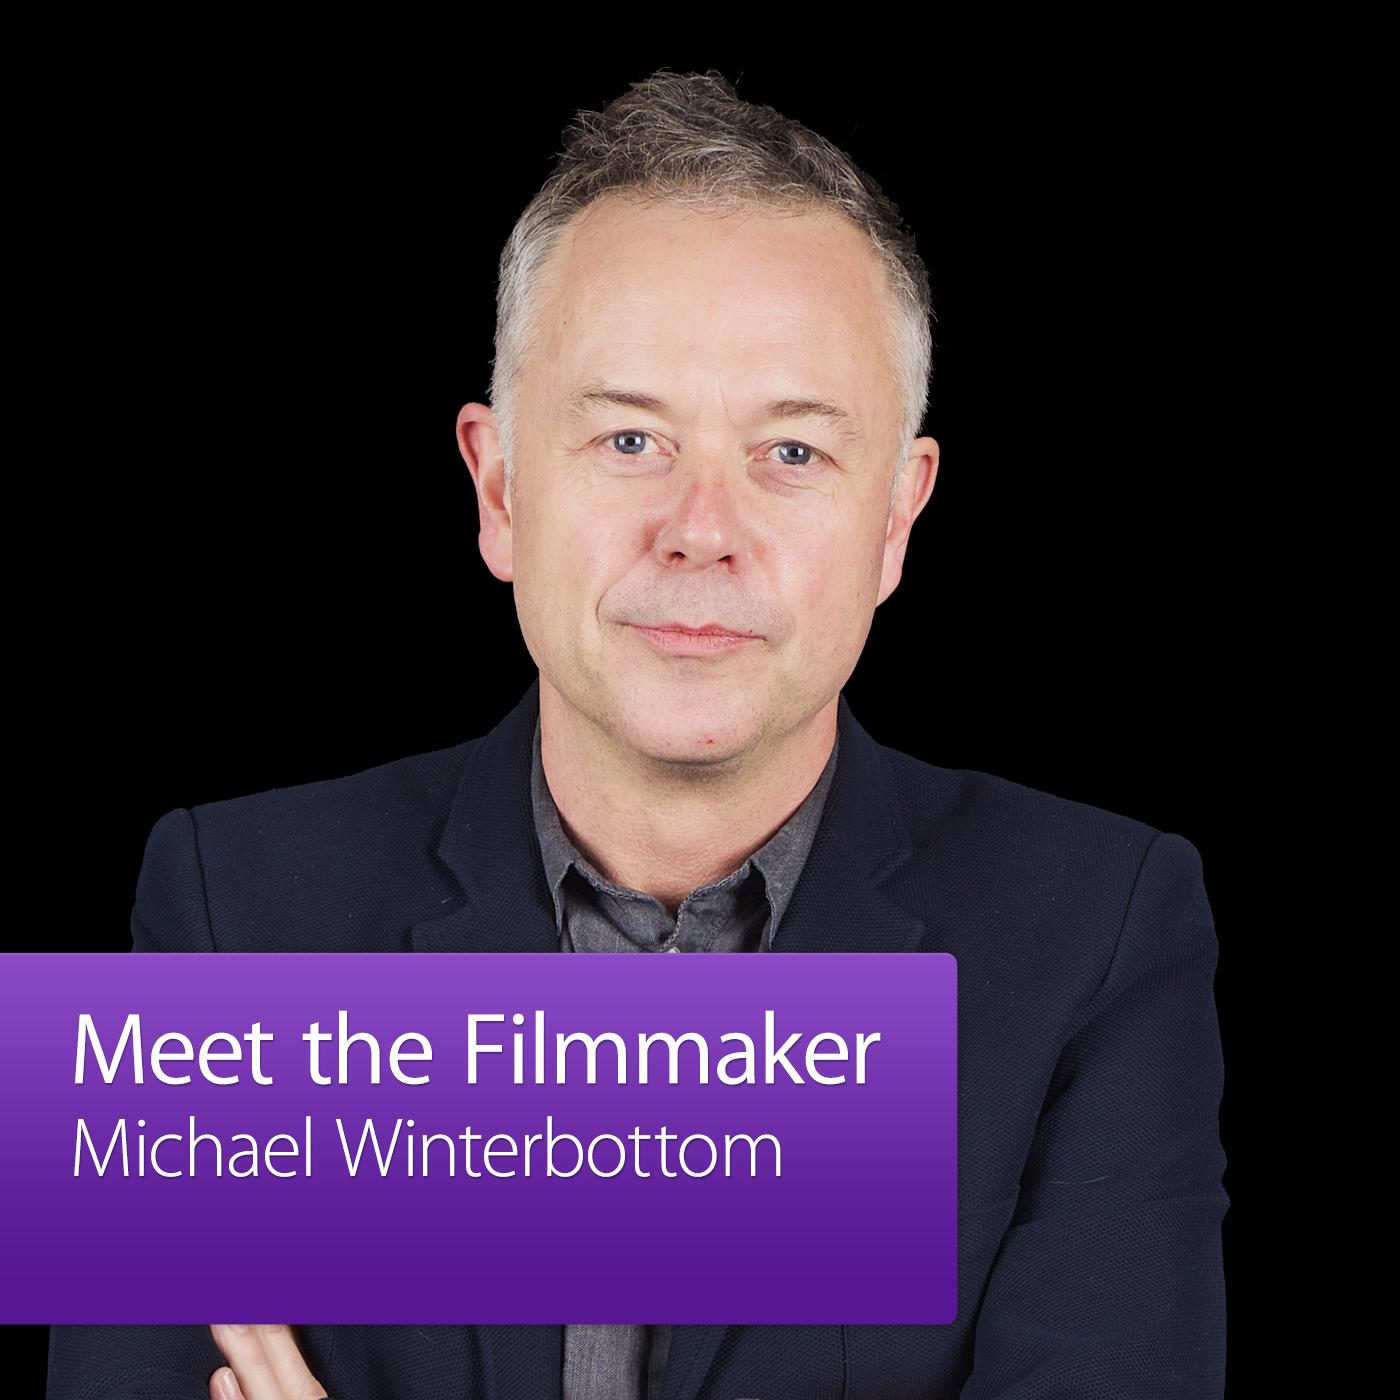 Michael Winterbottom: Meet the Filmmaker